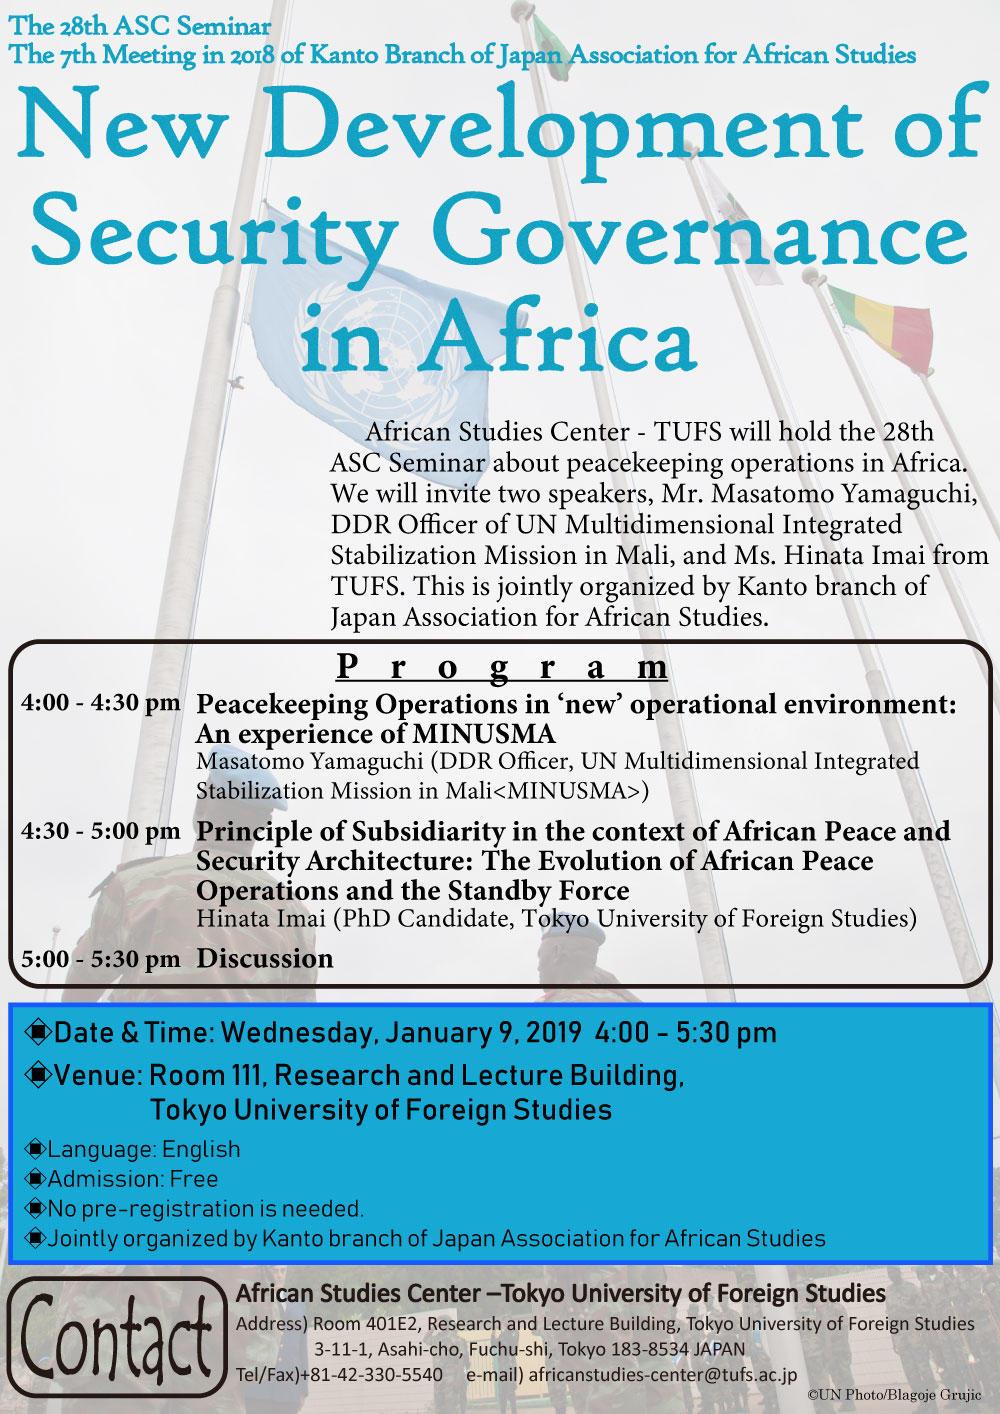 アフリカでの平和維持活動に関するセミナー開催